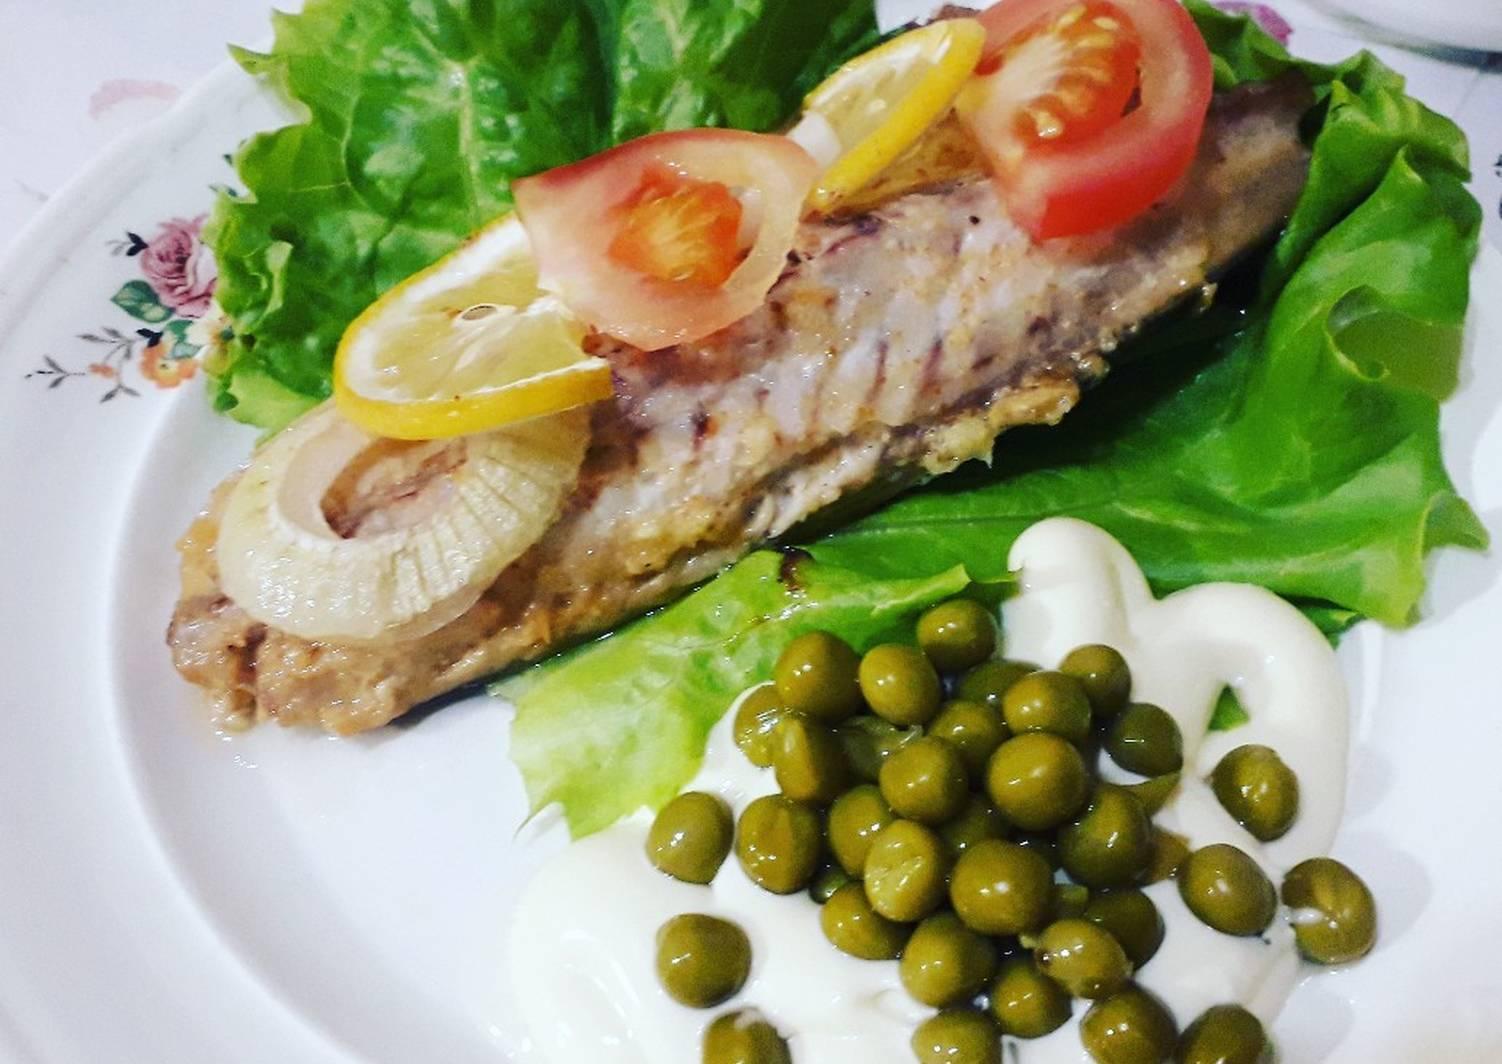 Скумбрия вареная быстро и вкусно рецепт с фото пошагово - 1000.menu